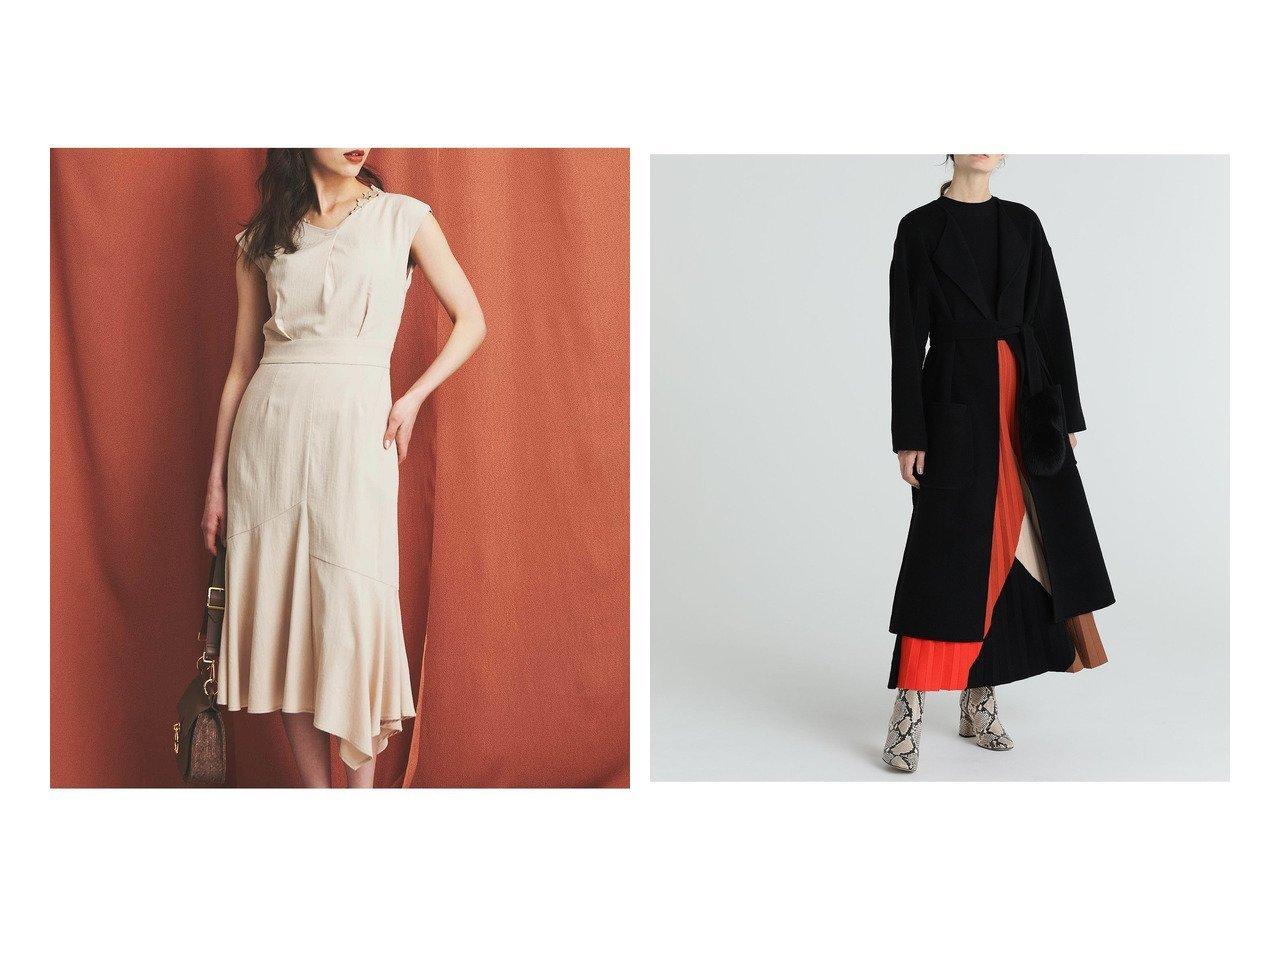 【Noela/ノエラ】のアシメヘムワンピース&【GRACE CONTINENTAL/グレース コンチネンタル】のプリーツニットワンピース ワンピース・ドレスのおすすめ!人気、レディースファッションの通販  おすすめで人気のファッション通販商品 インテリア・家具・キッズファッション・メンズファッション・レディースファッション・服の通販 founy(ファニー) https://founy.com/ ファッション Fashion レディース WOMEN ワンピース Dress ニットワンピース Knit Dresses シンプル マーメイド トレンド ブロック プリーツ モダン  ID:crp329100000003348